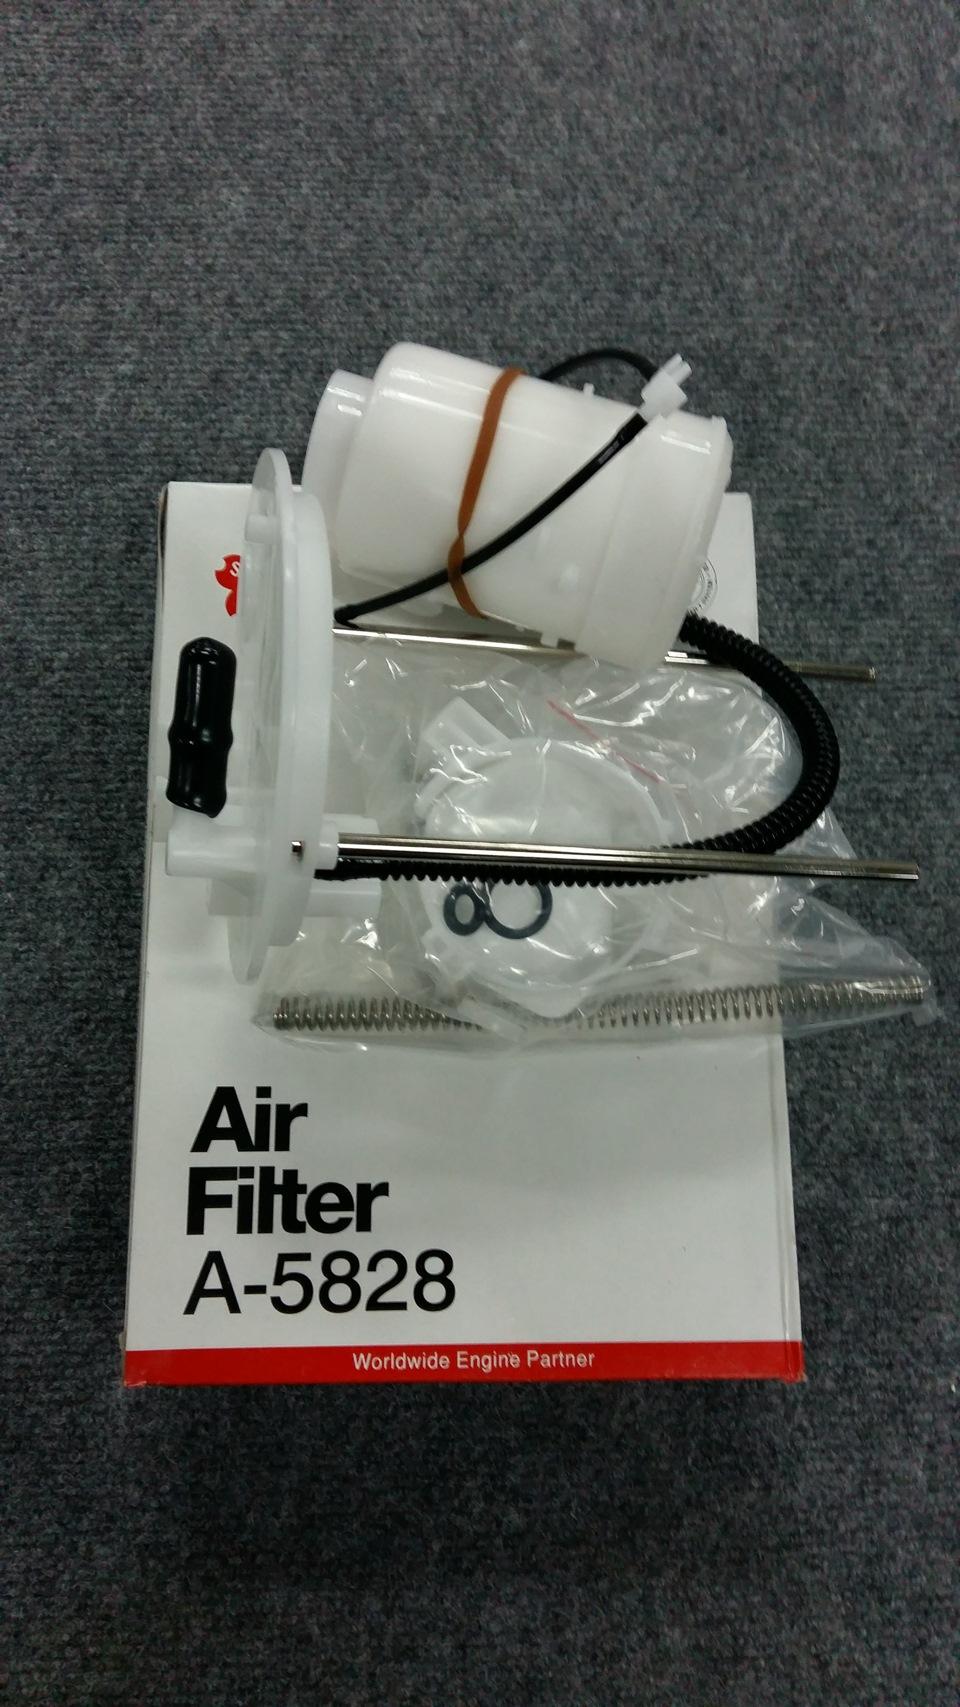 топливный фильтр на митсубиси асх